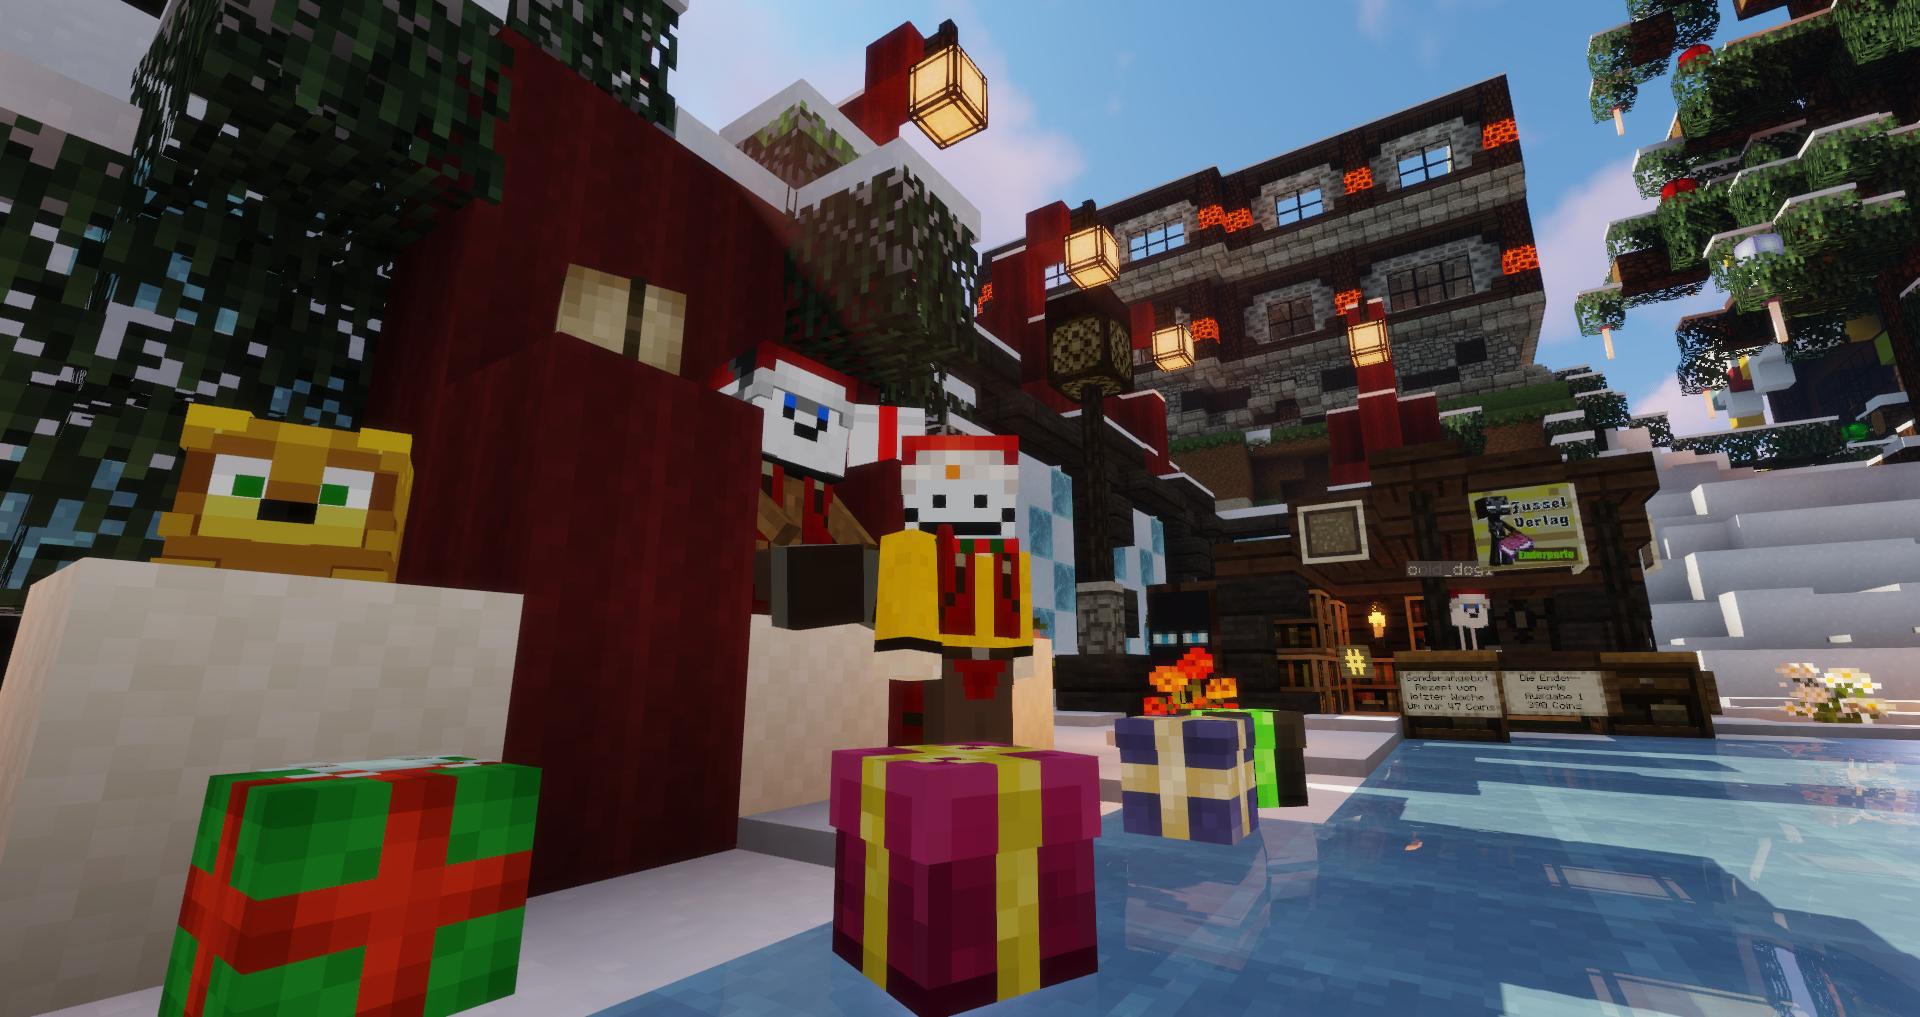 [Bild: weihnachtsmarkt14.png]